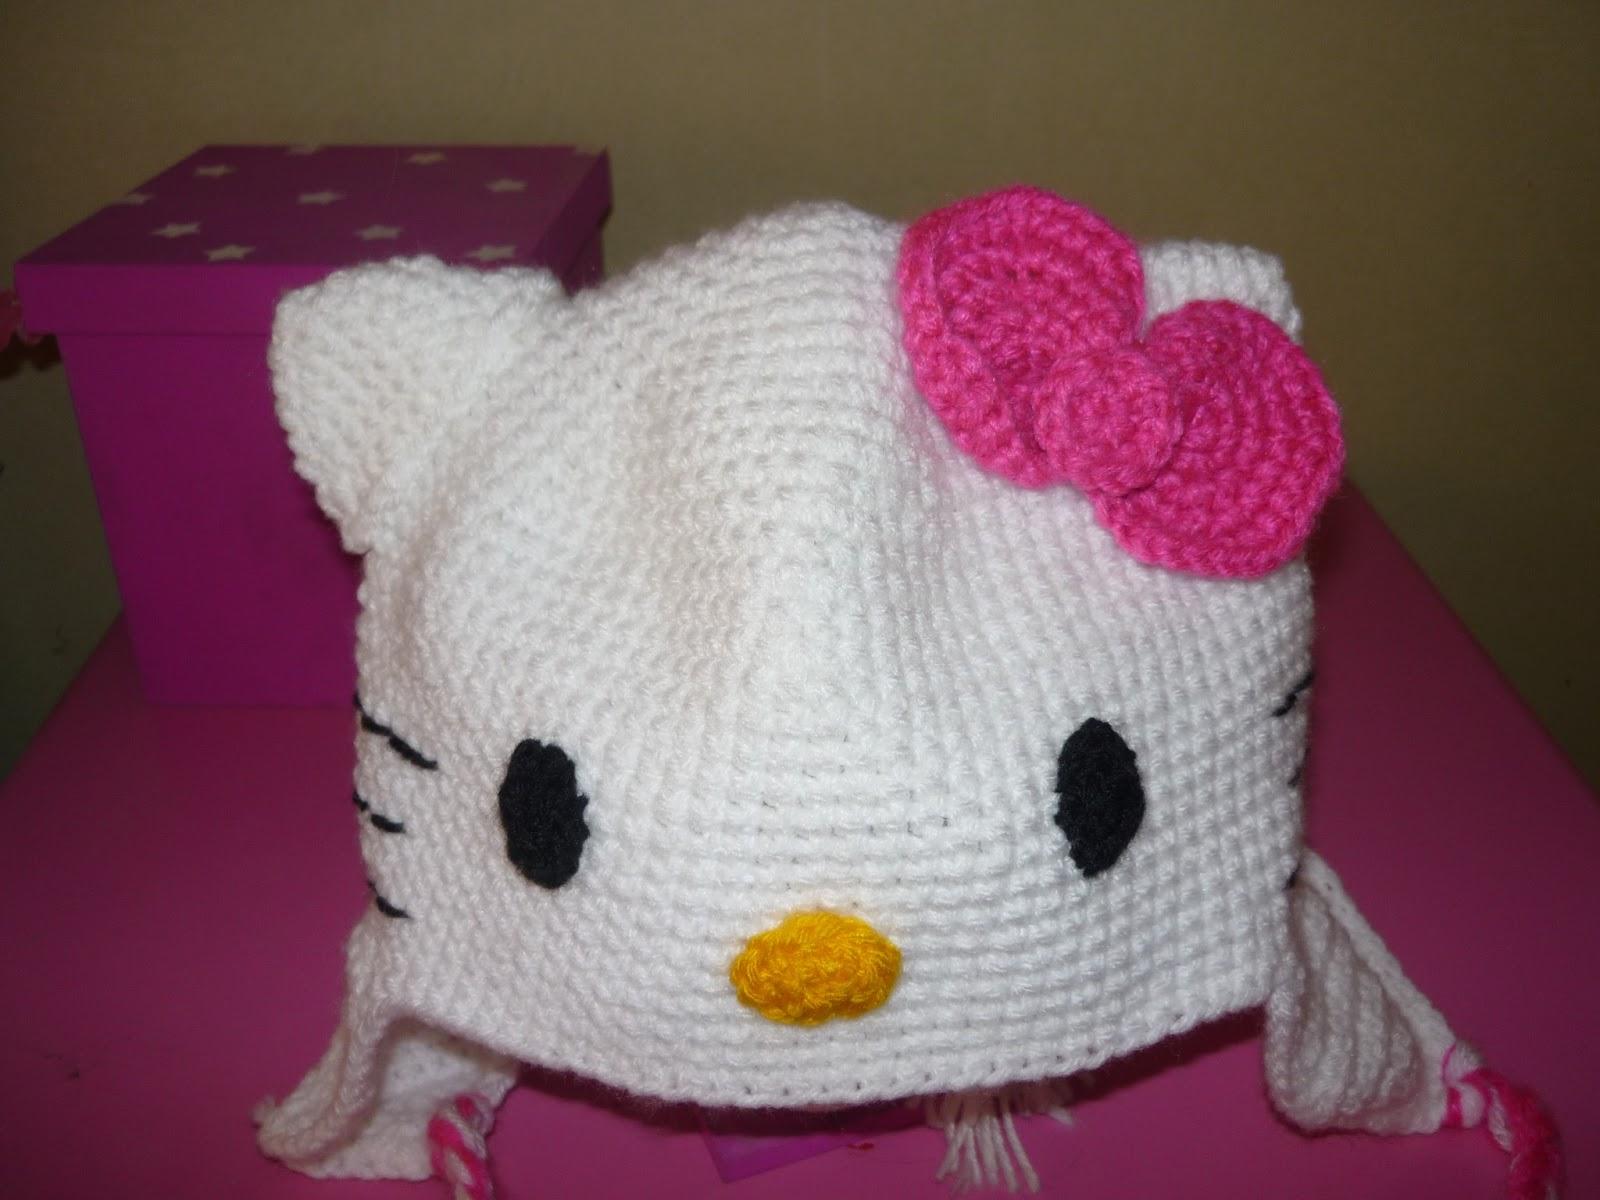 Tejiendo Sueños: Gorro Kitty crochet